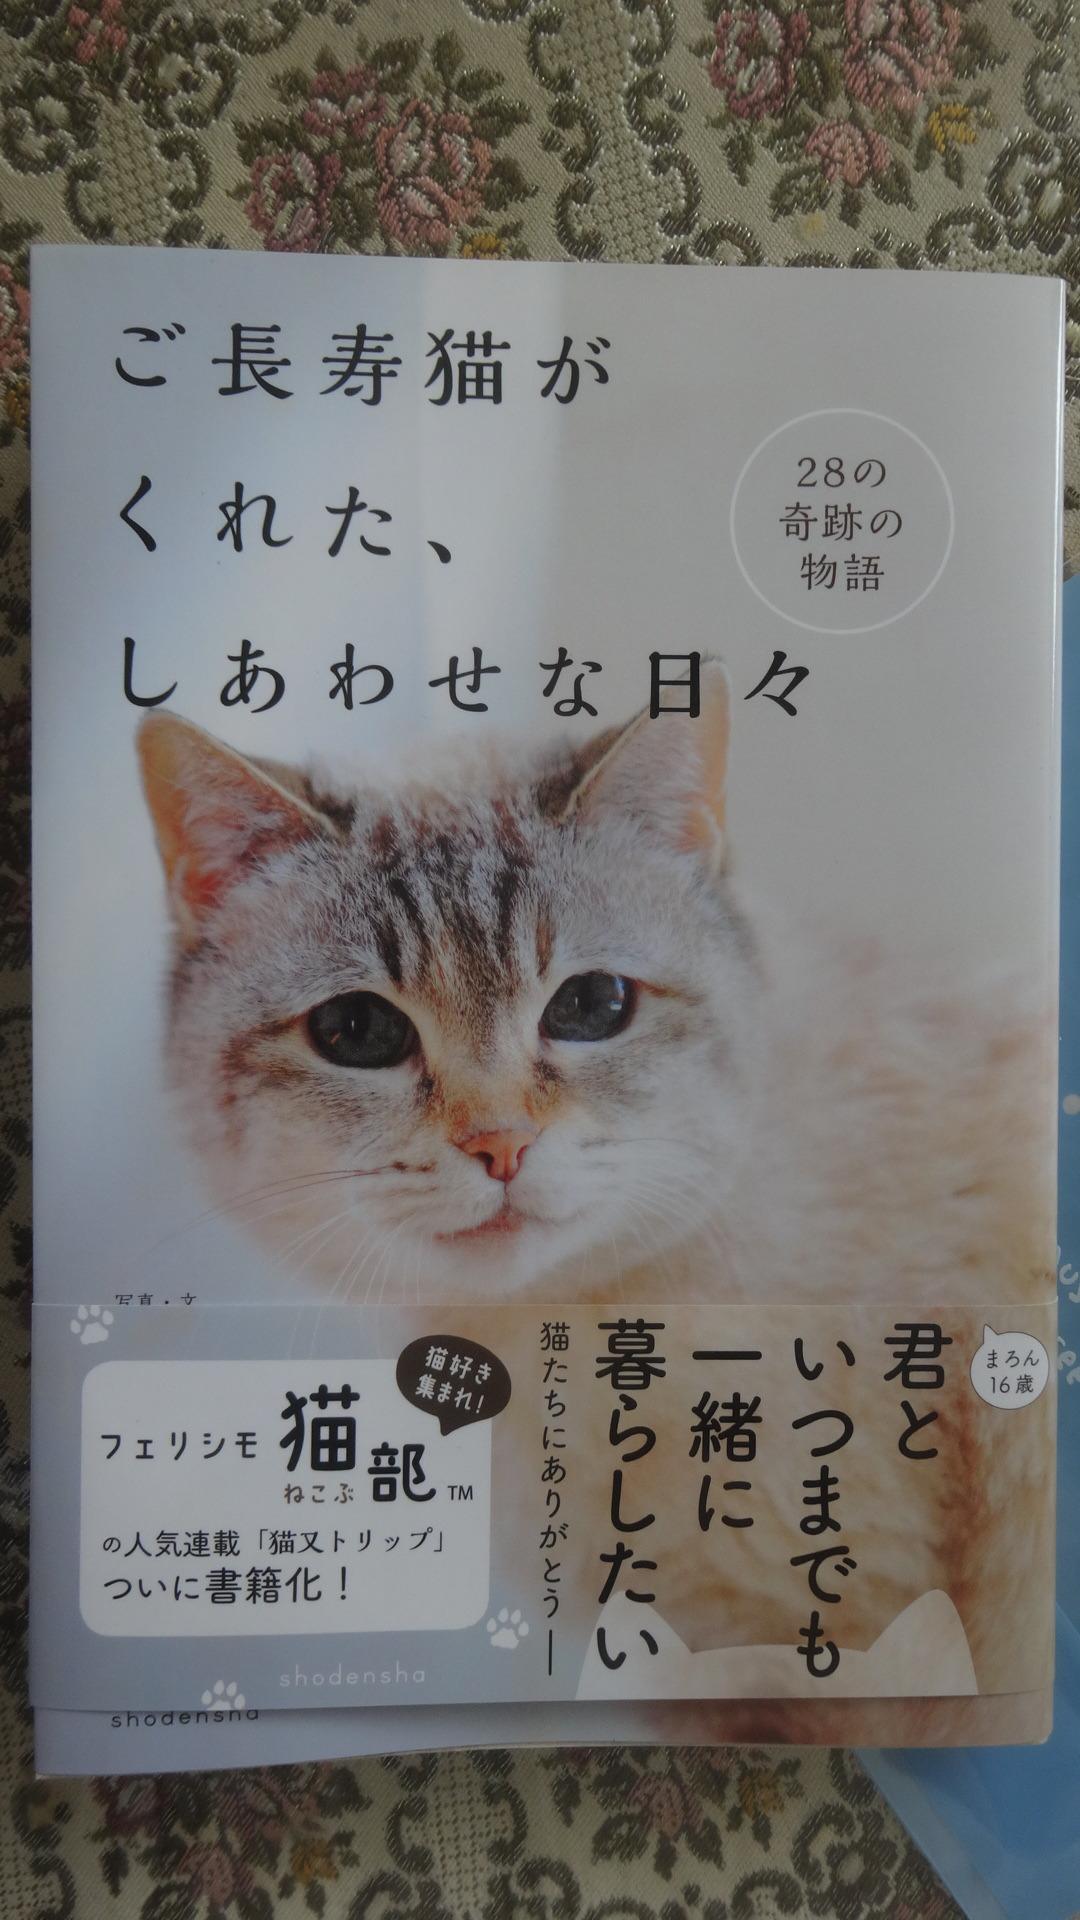 ご長寿猫がくれた しあわせな日々 という本の表紙